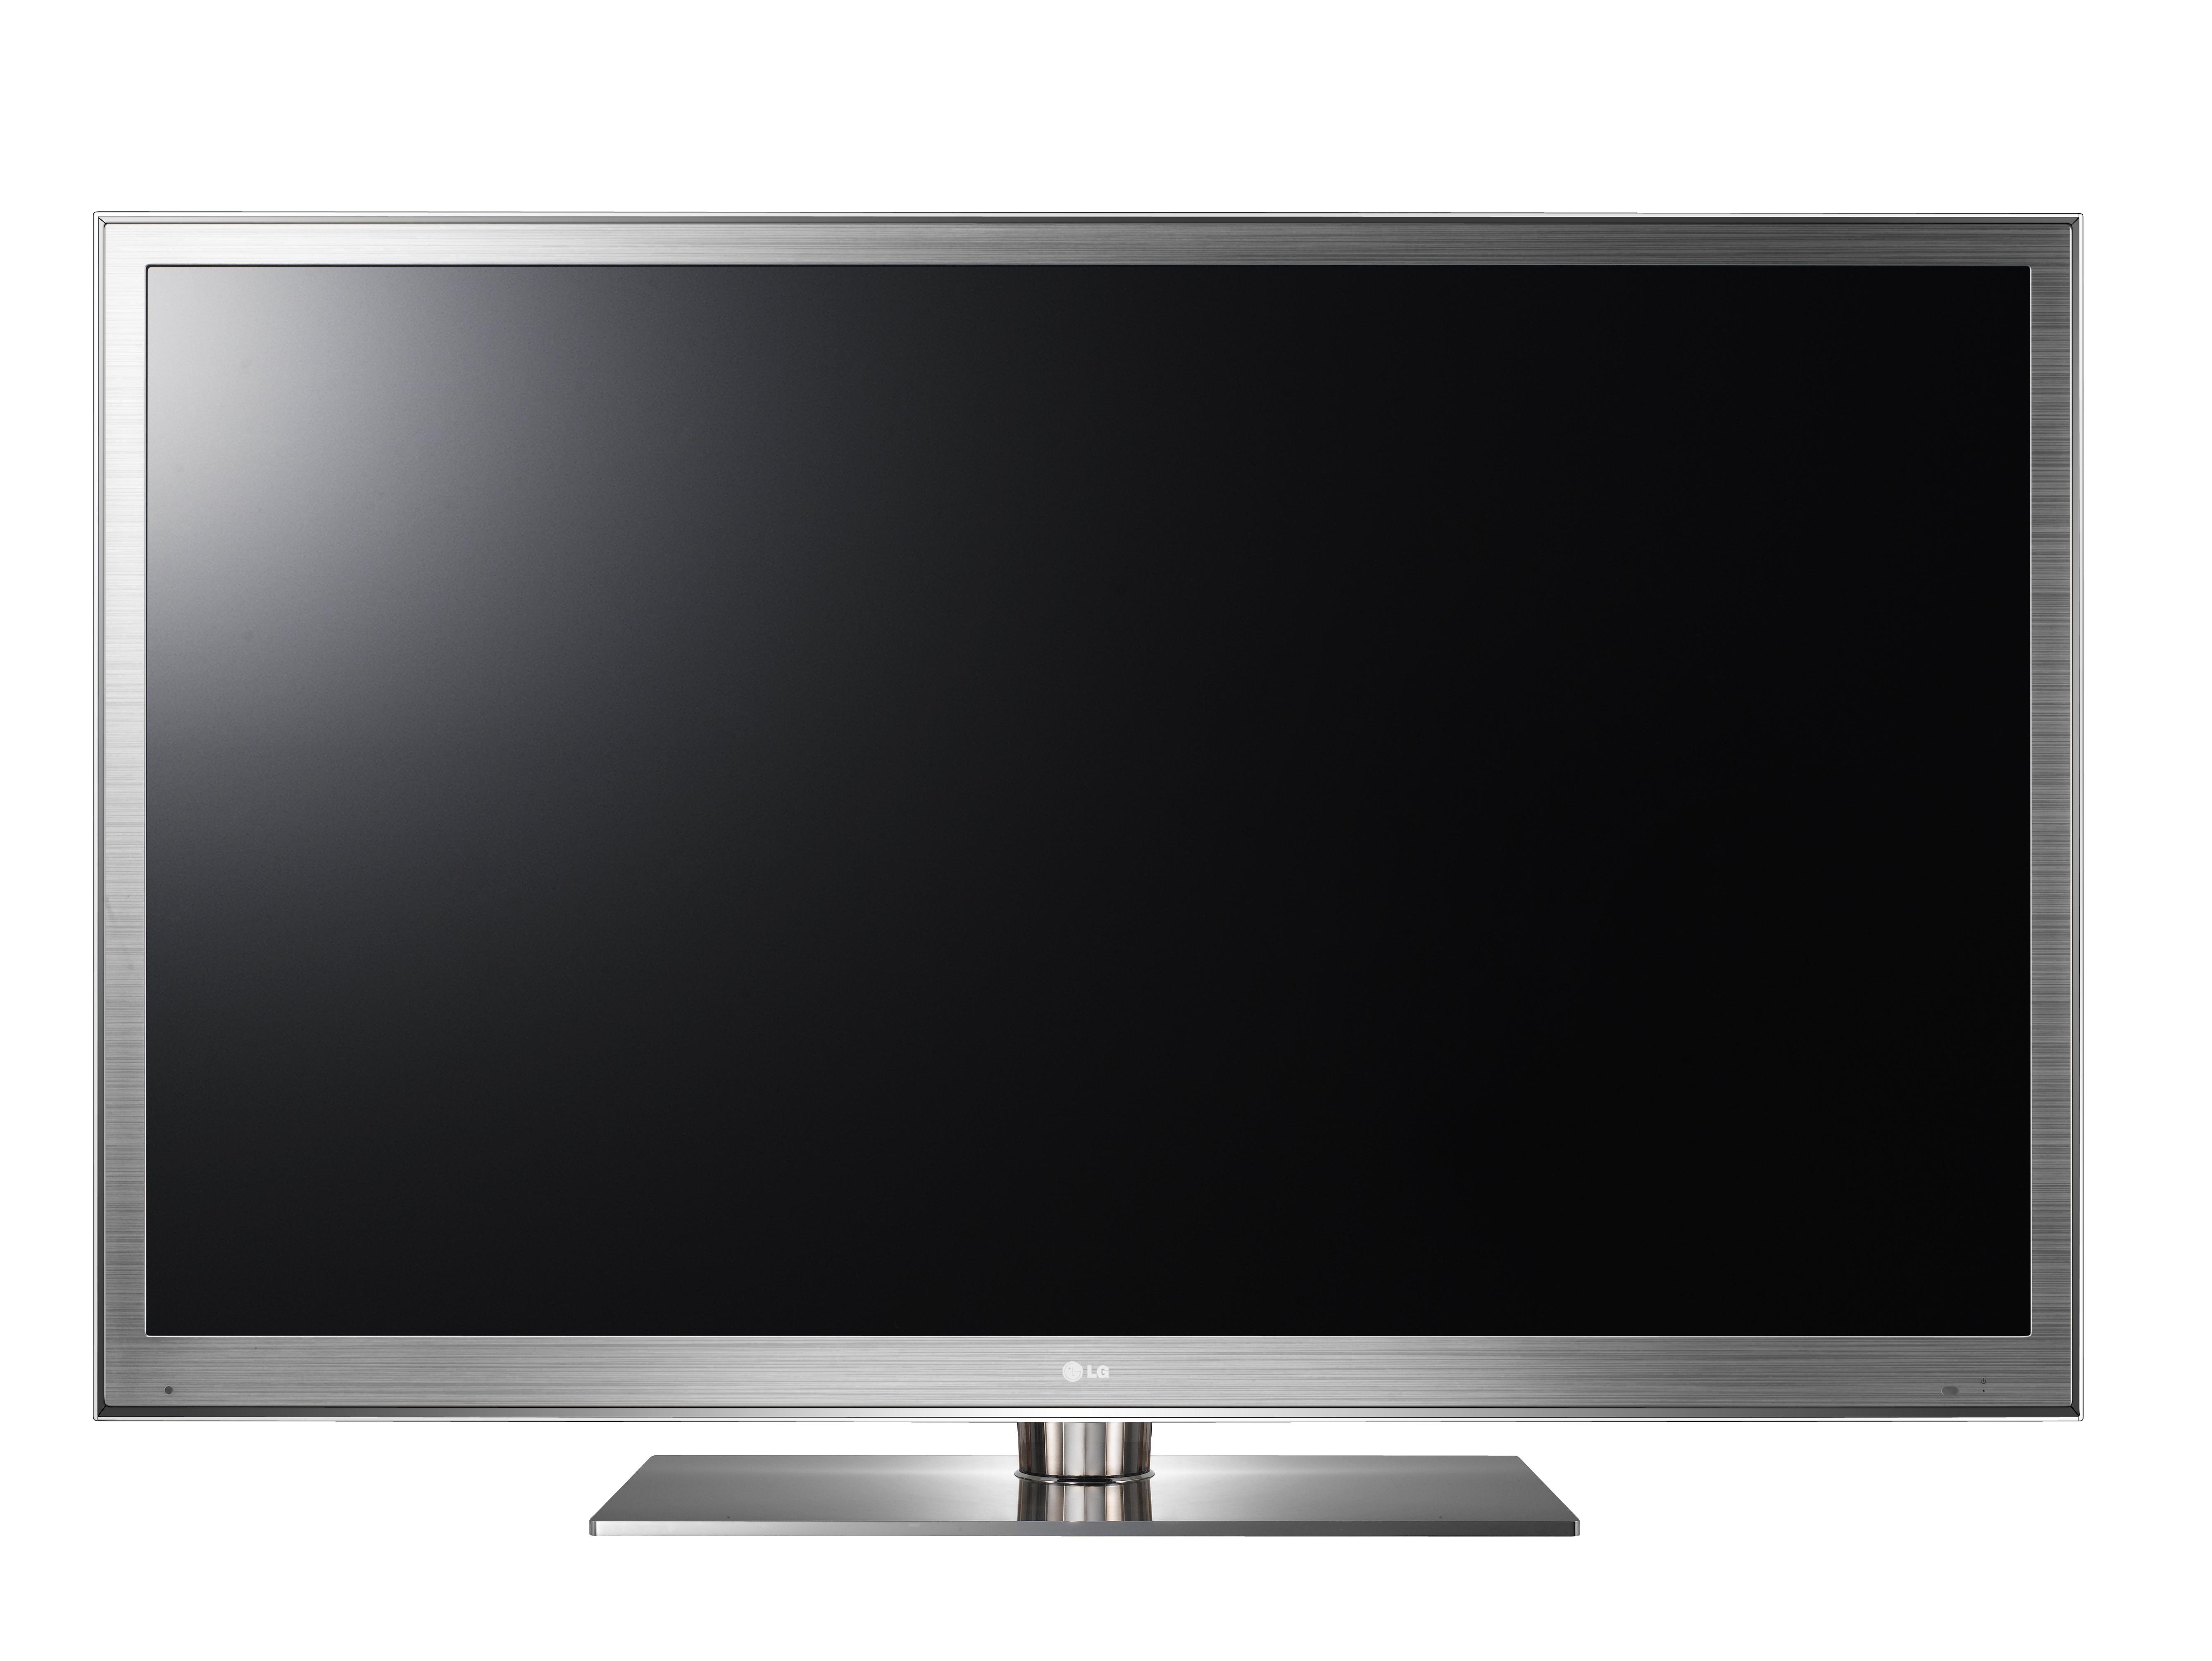 최대 풀led 72인치 시네마 3d 스마트 tv 출시